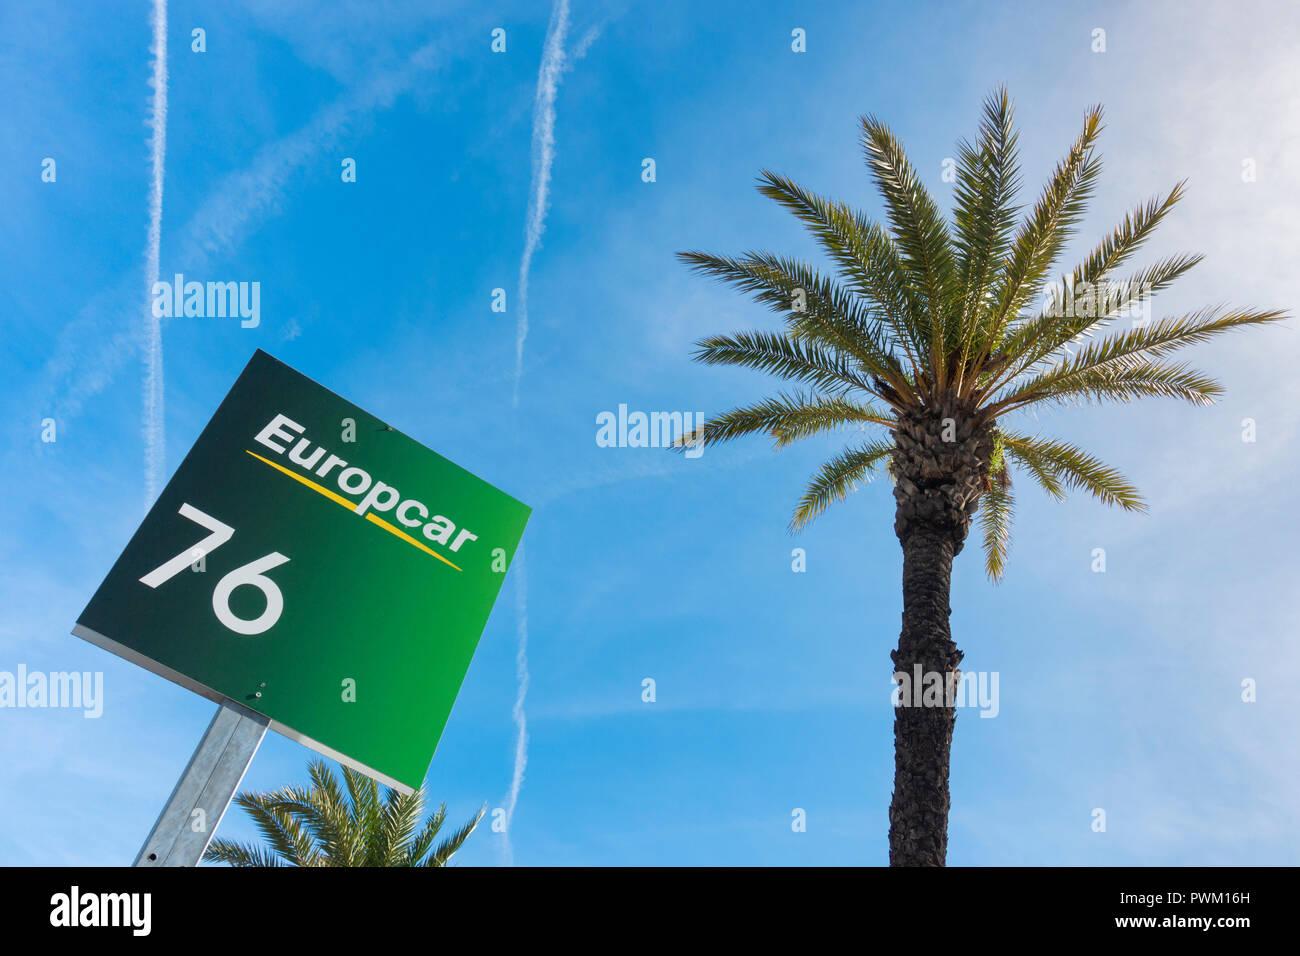 Europcar Airport Stock Photos Europcar Airport Stock Images Alamy